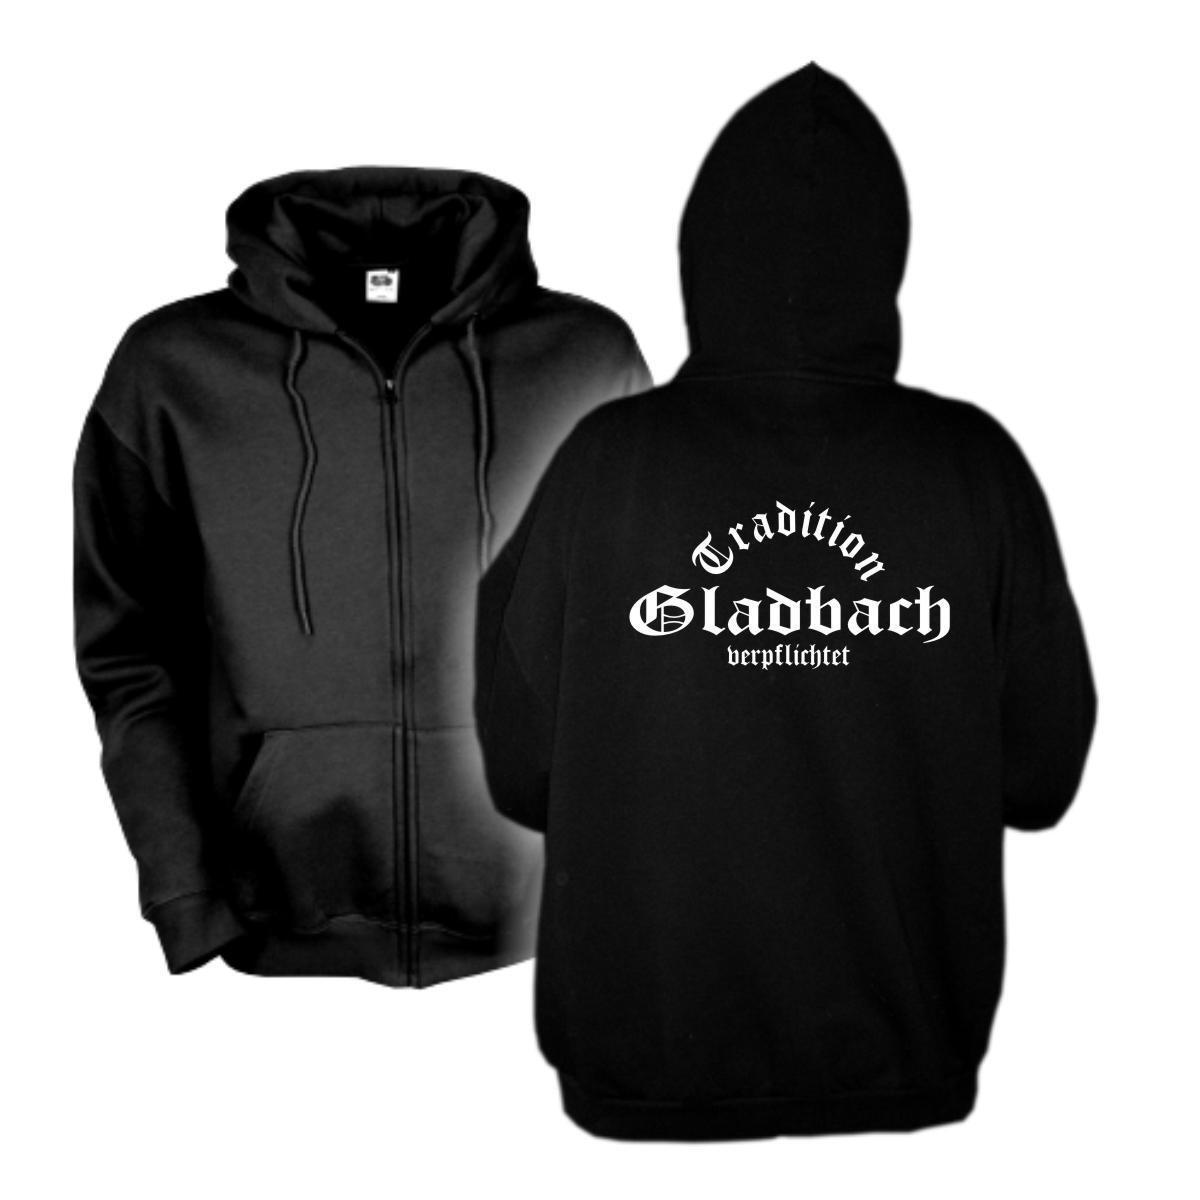 Giacca con cappuccio Gladbach tradizione obbligato, Hoodie S  - 6xl  S sfu05-29e  aad7c1